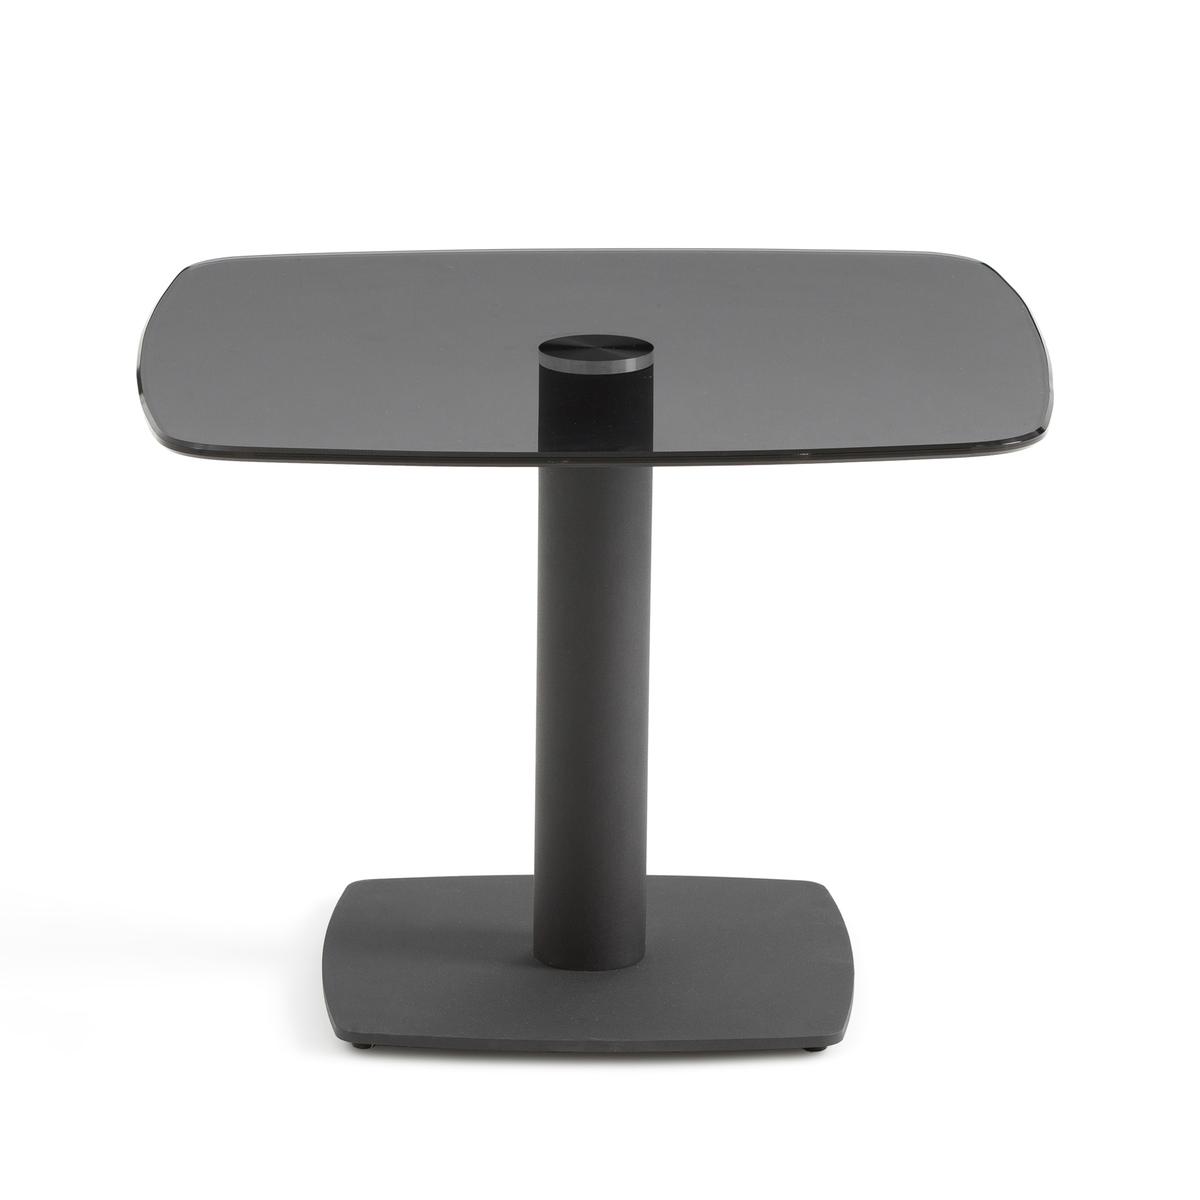 Столик La Redoute Диванный из закаленного стекла Berard единый размер черный столик диванный из бамбука quesada